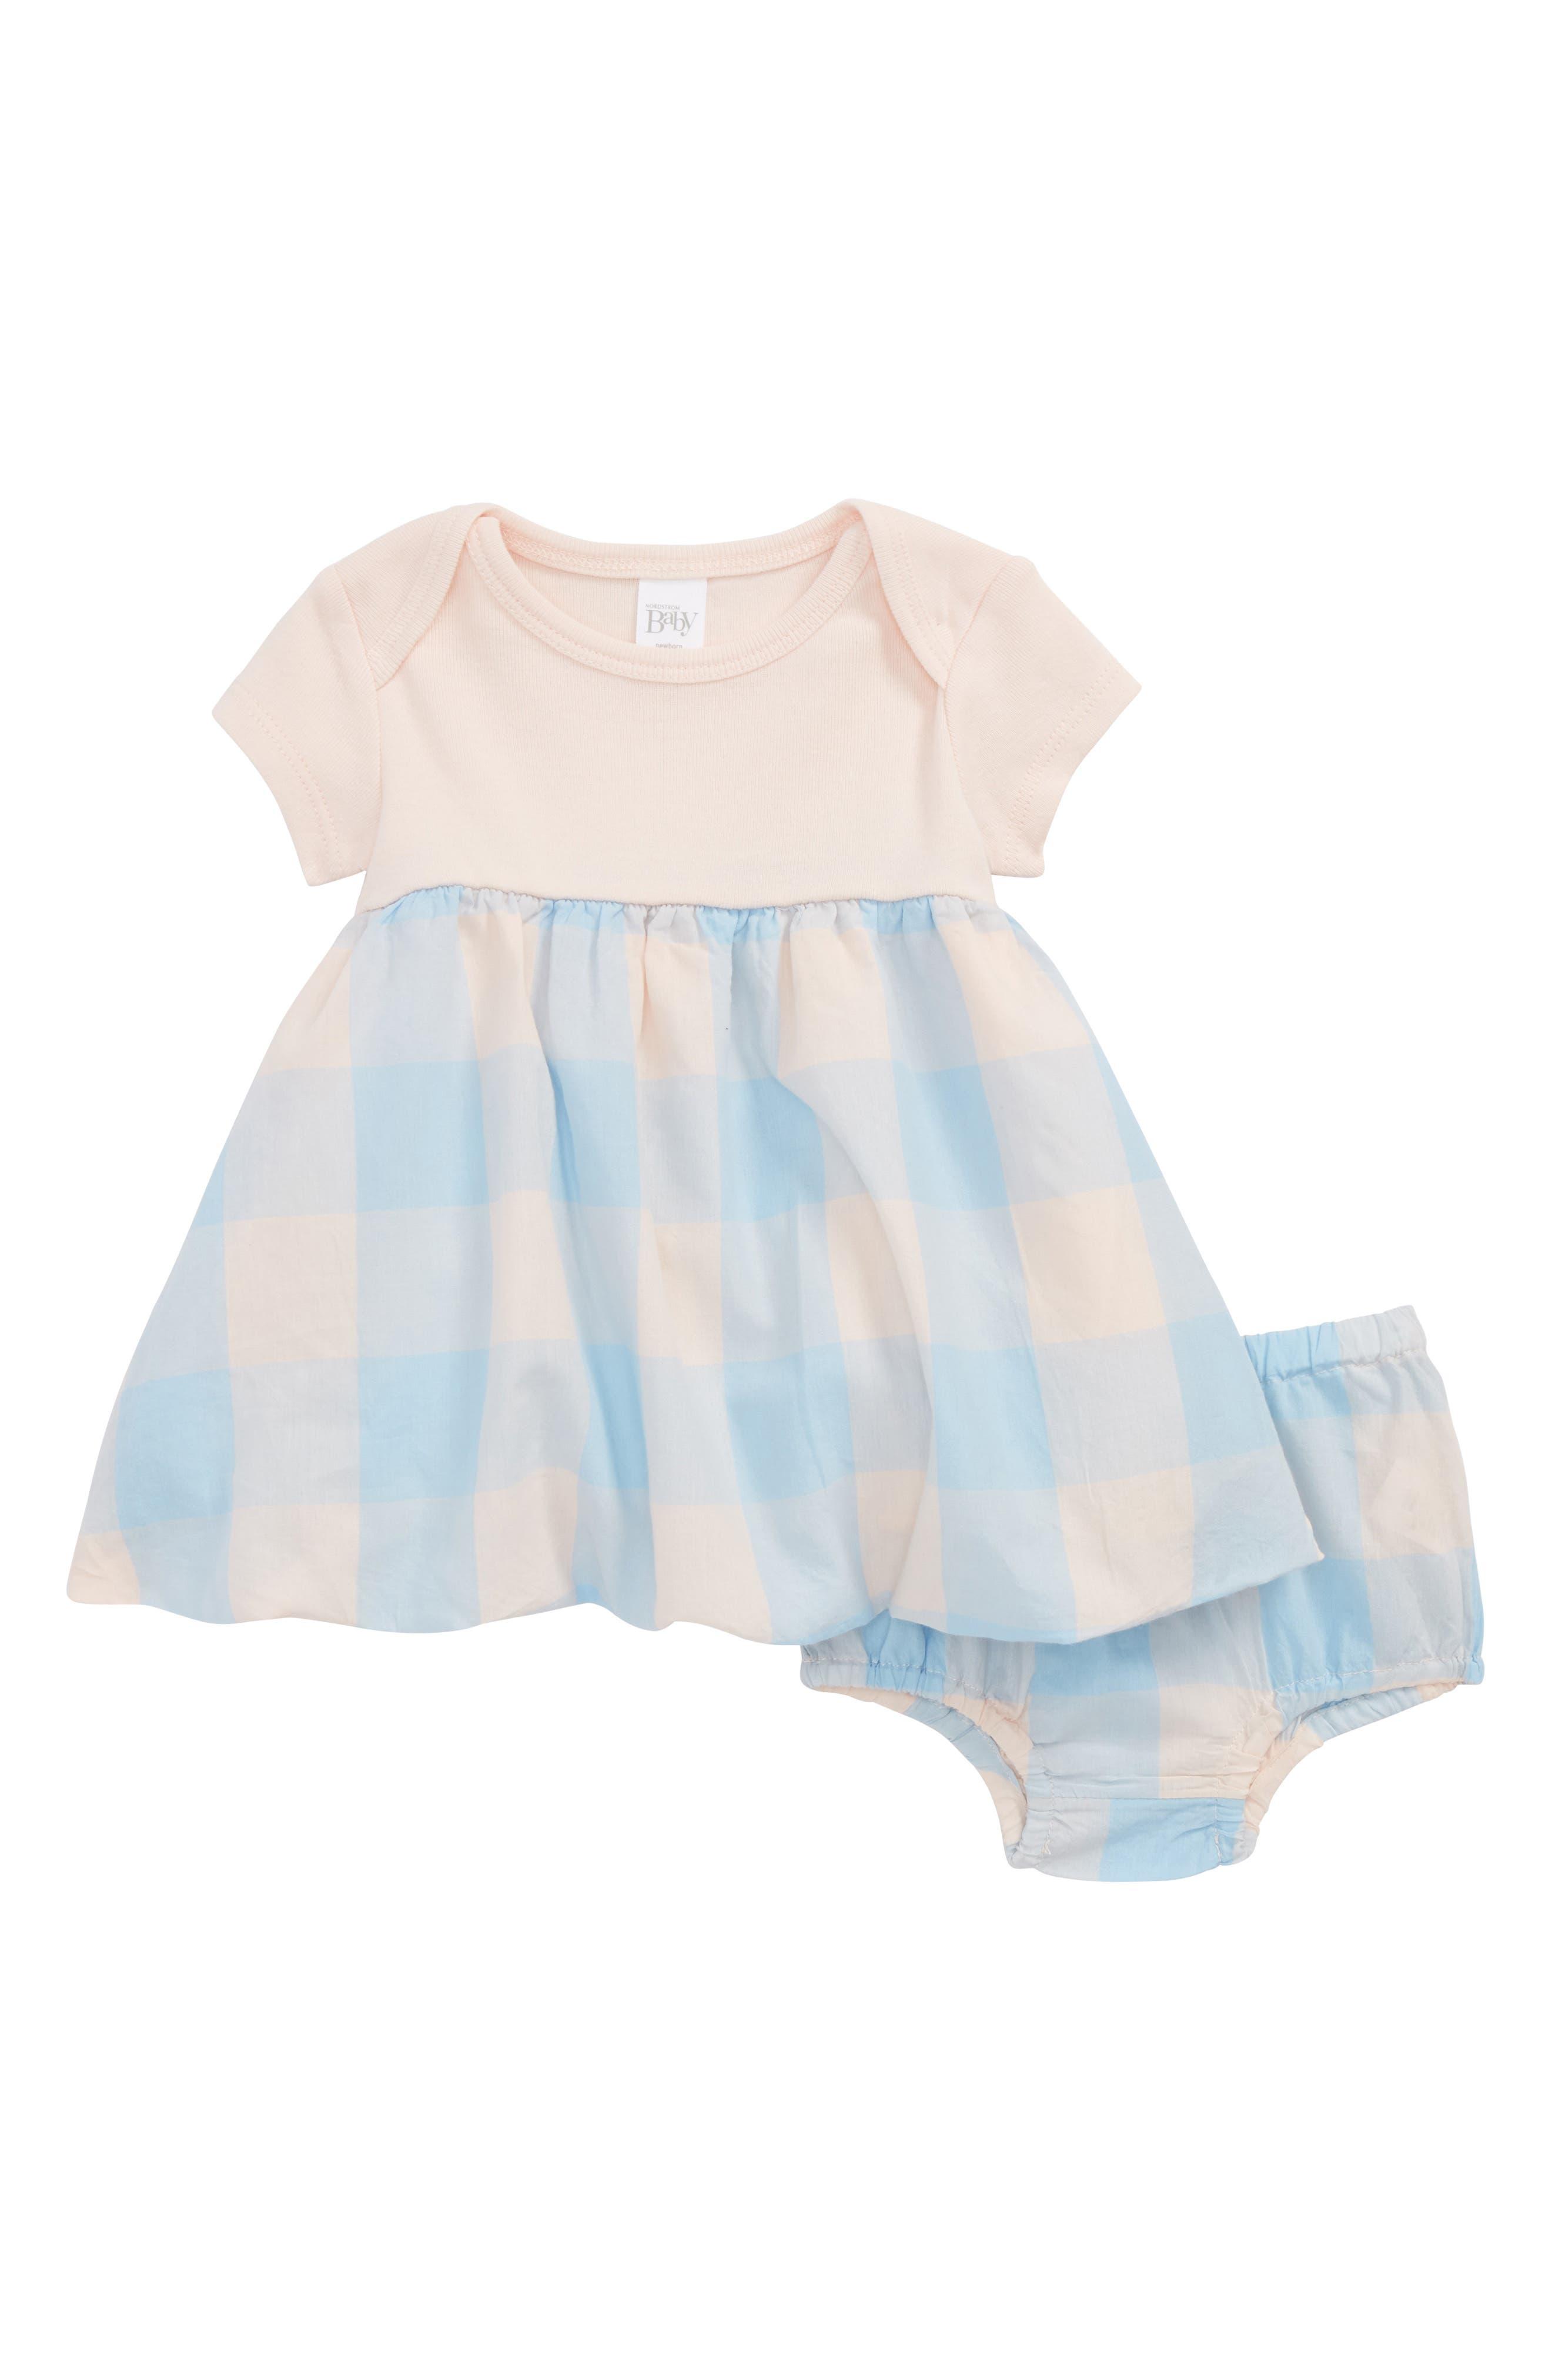 Bubble Dress,                             Main thumbnail 1, color,                             Pink Cloud- Blue Check